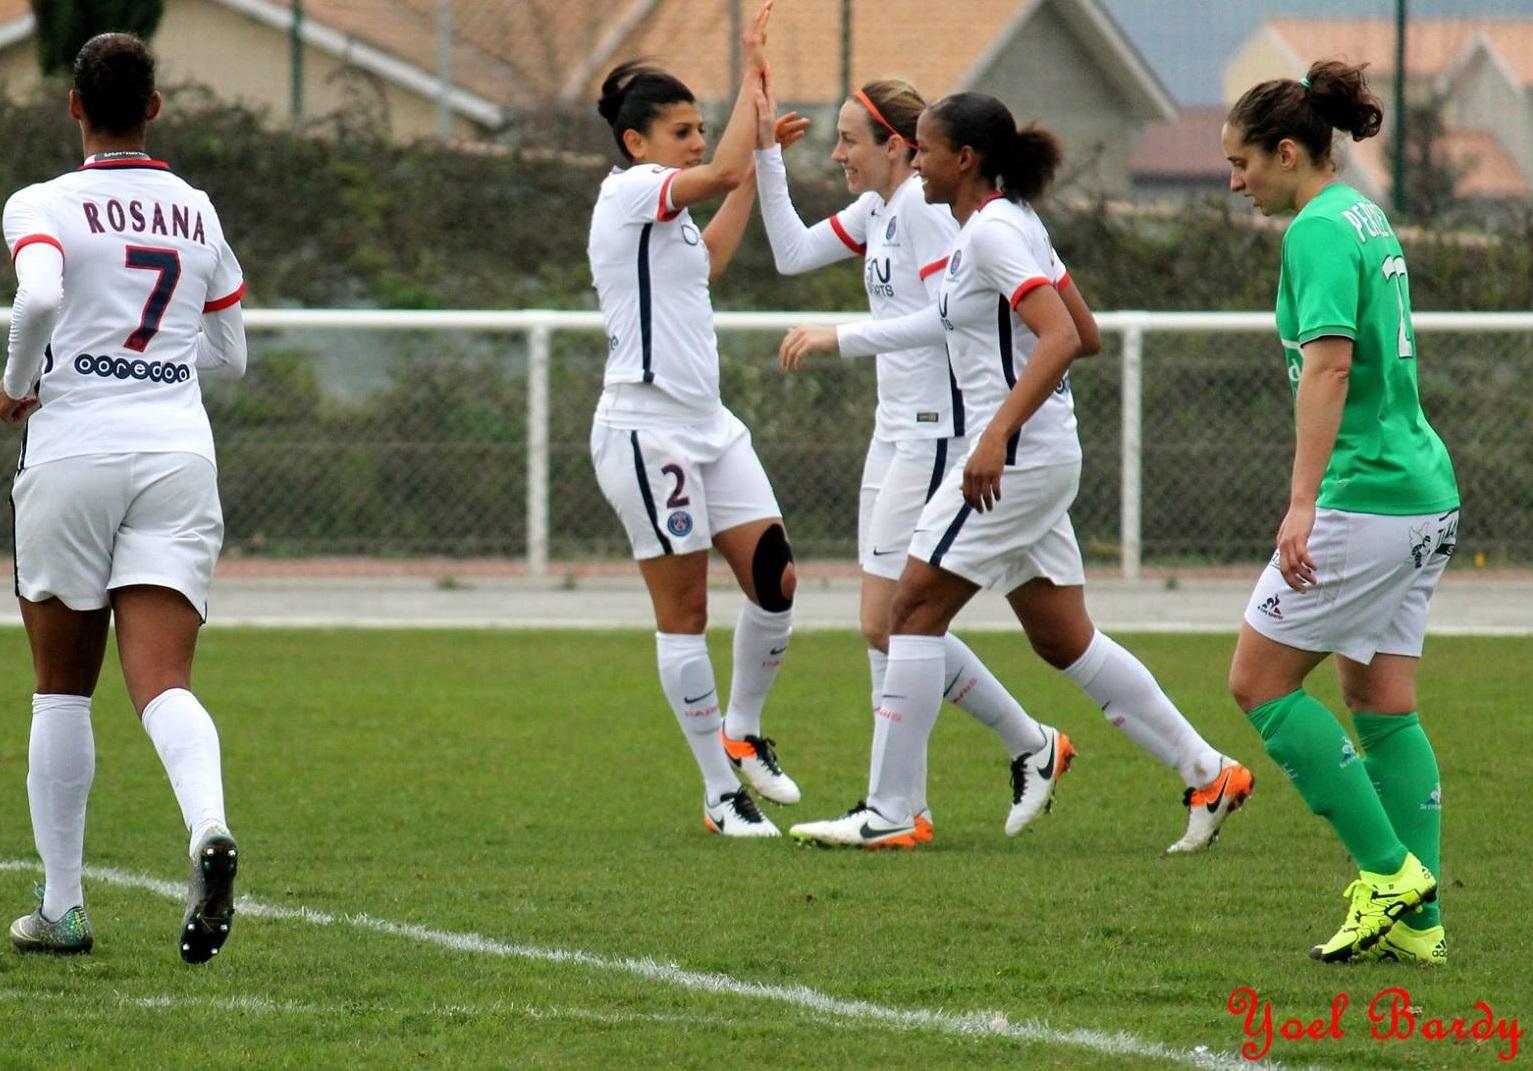 Dali, Delannoy et Delie, les trois buteuses de la rencontre (photo Yoël bardy/ASSE Féminines)